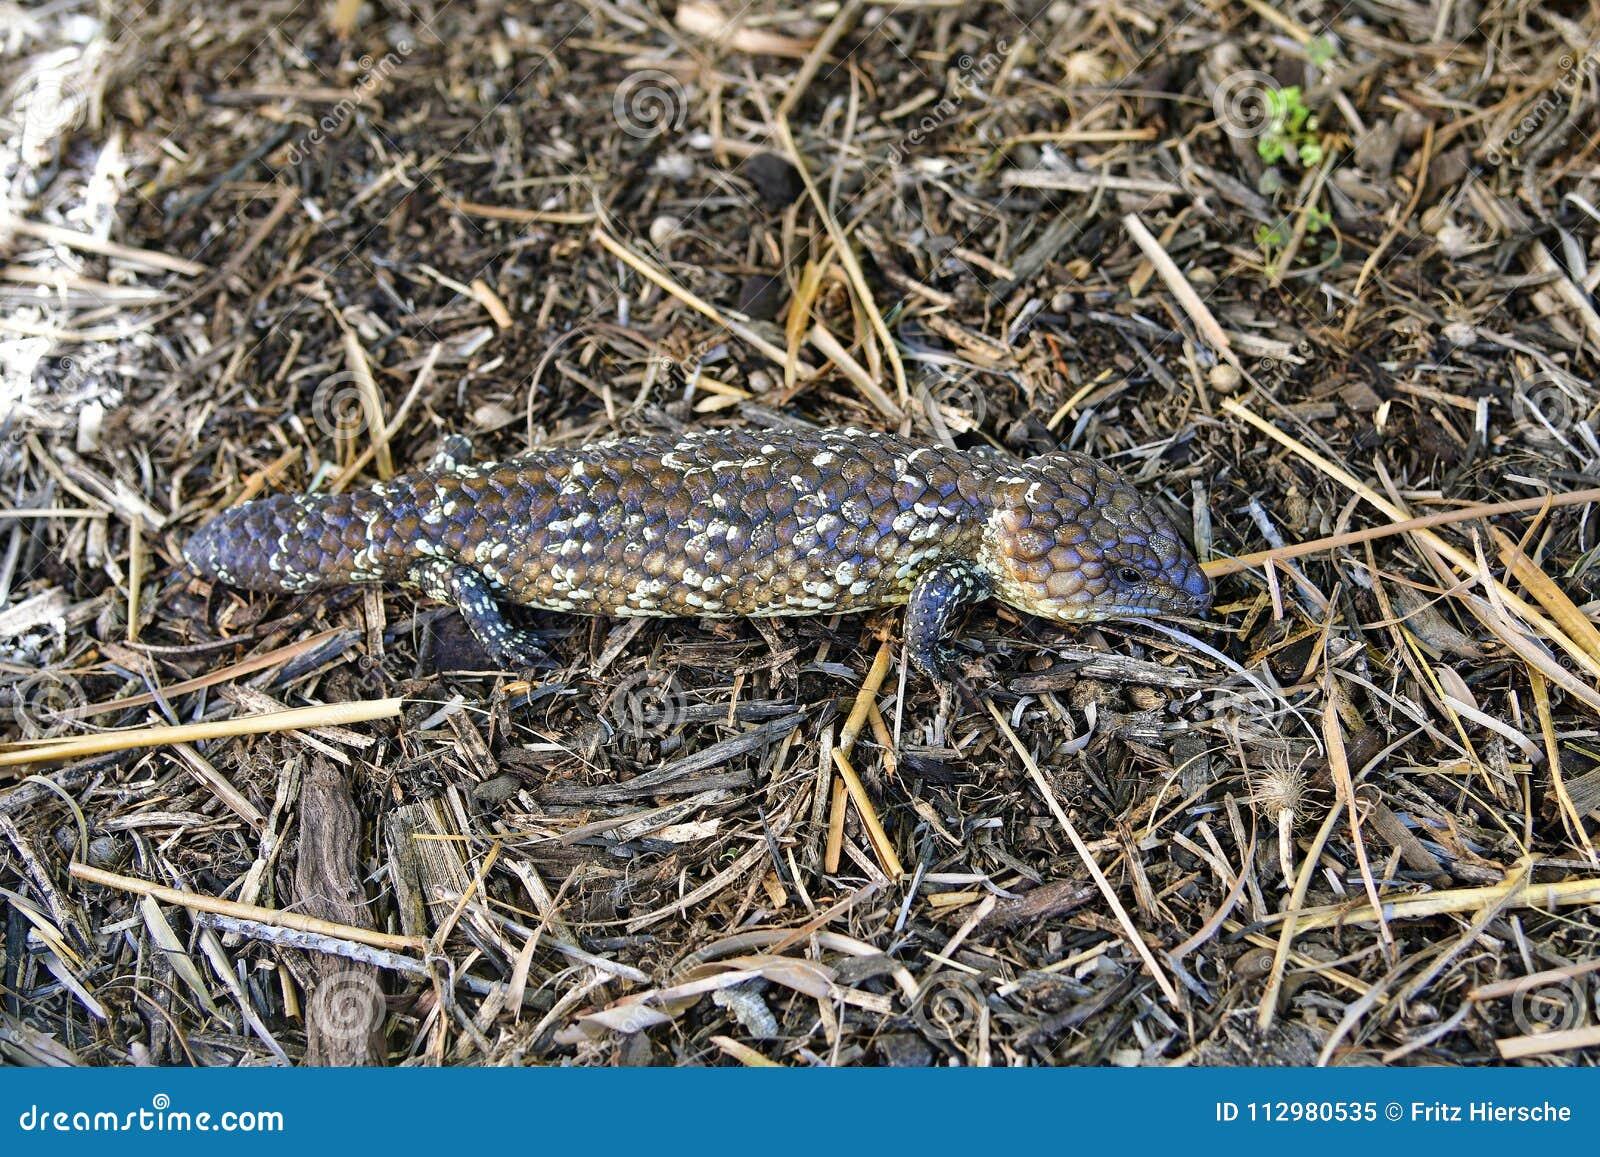 Australien, Zoologie, Reptil, Eidechse Stockbild - Bild von nave ...